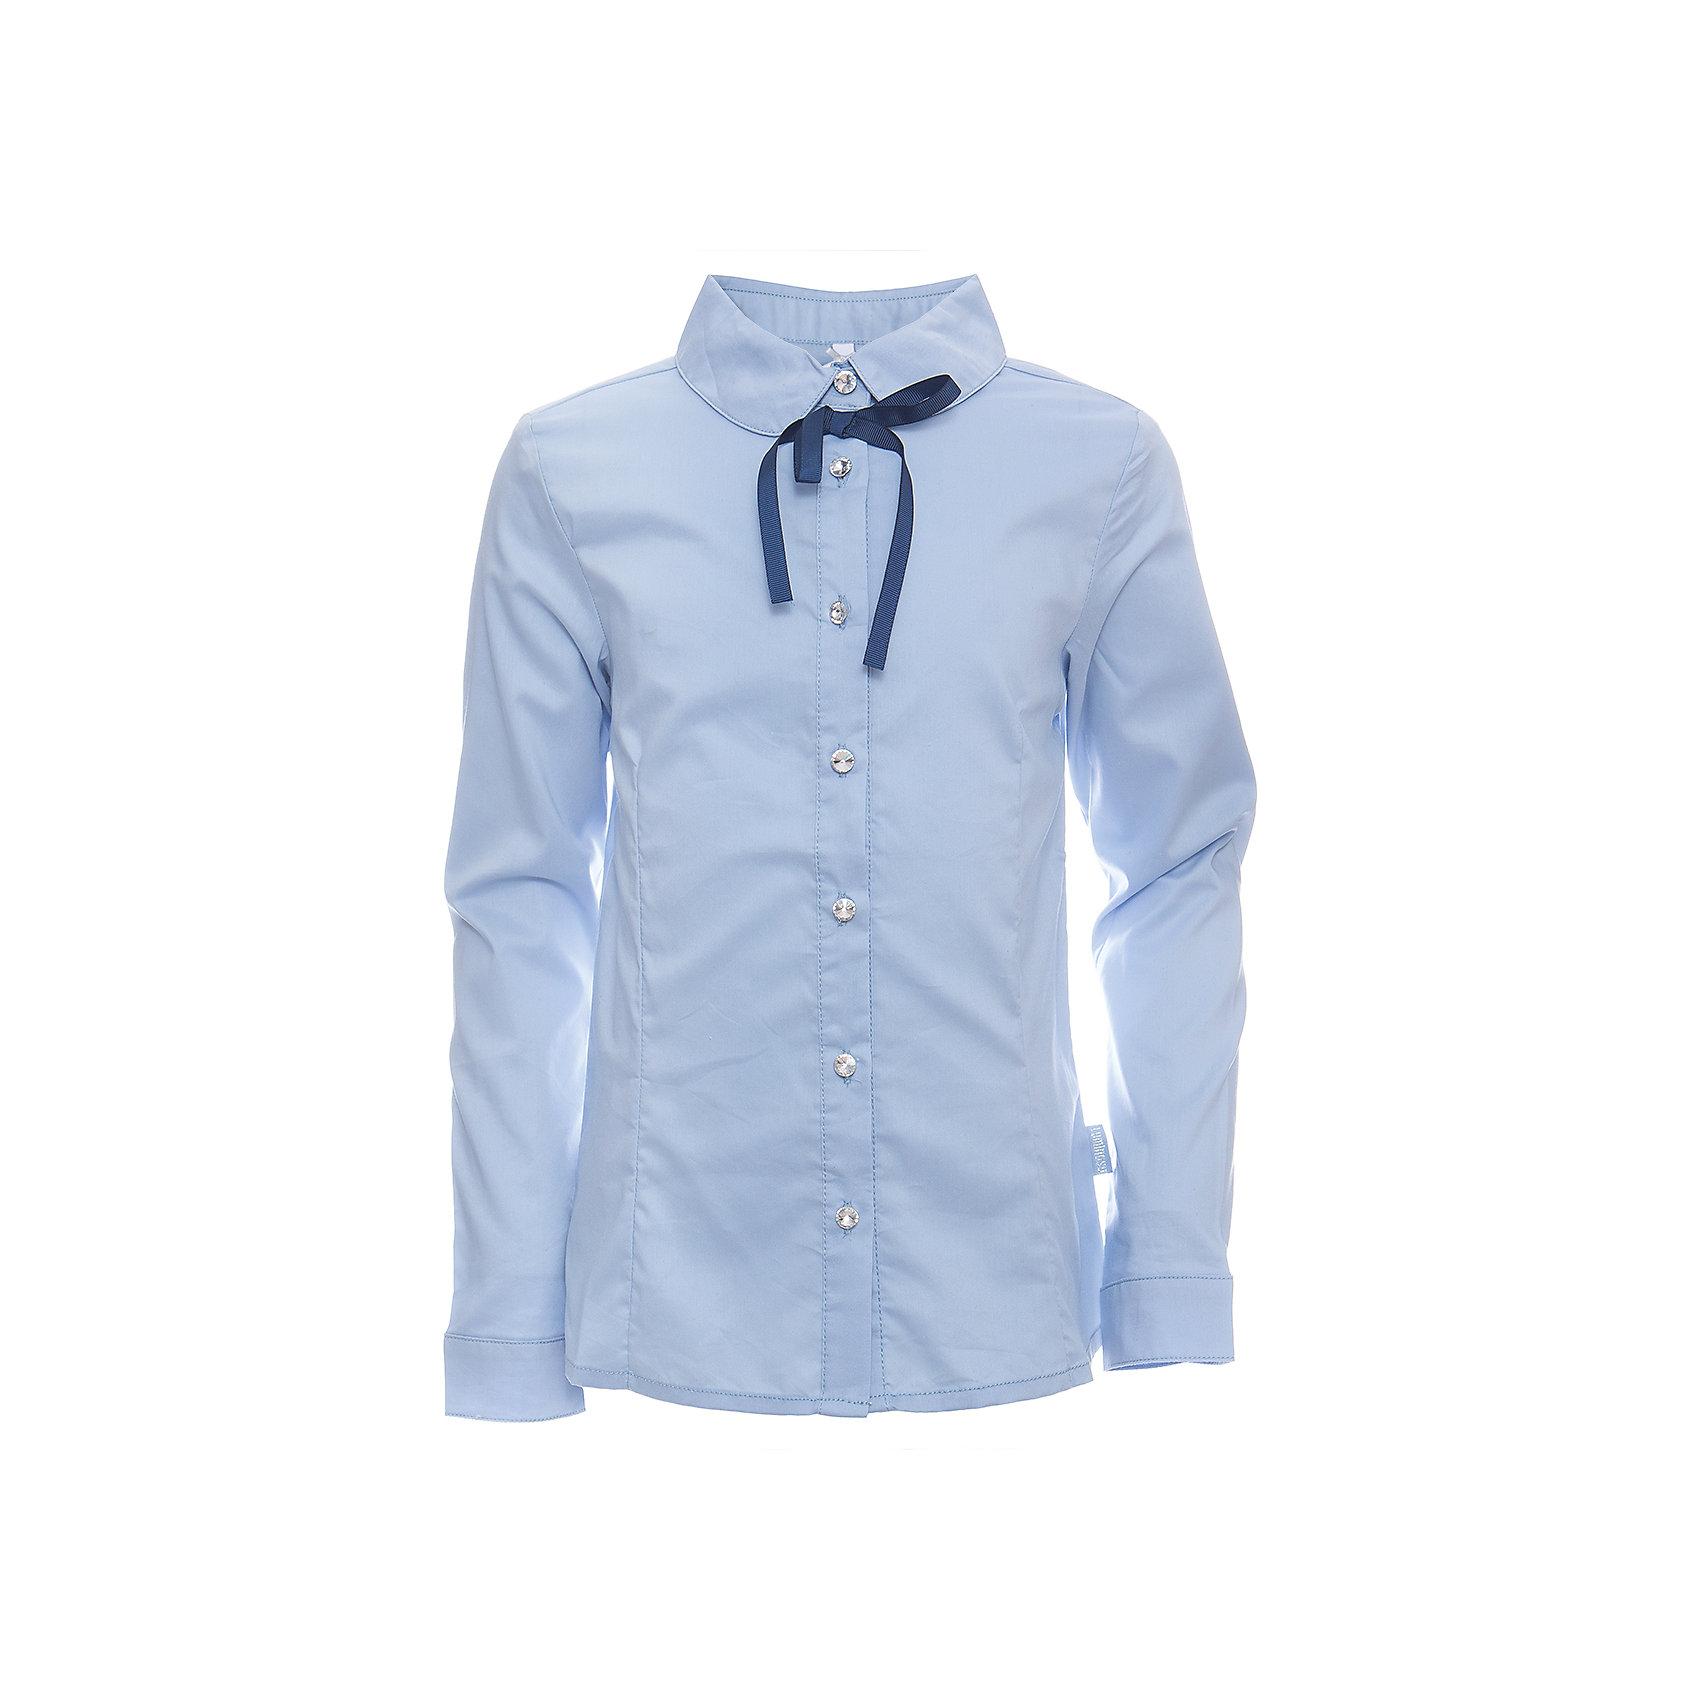 Блузка для девочки LuminosoБлузки и рубашки<br>Классическая голубая текстильная блузка для девочки из хлопка приталенного кроя. Декорированная контрастным бантиком и пуговками.<br>Состав:<br>65% хлопок, 32% полиэстер,3% эластан<br><br>Ширина мм: 186<br>Глубина мм: 87<br>Высота мм: 198<br>Вес г: 197<br>Цвет: голубой<br>Возраст от месяцев: 156<br>Возраст до месяцев: 168<br>Пол: Женский<br>Возраст: Детский<br>Размер: 164,122,128,134,140,146,152,158<br>SKU: 6672110